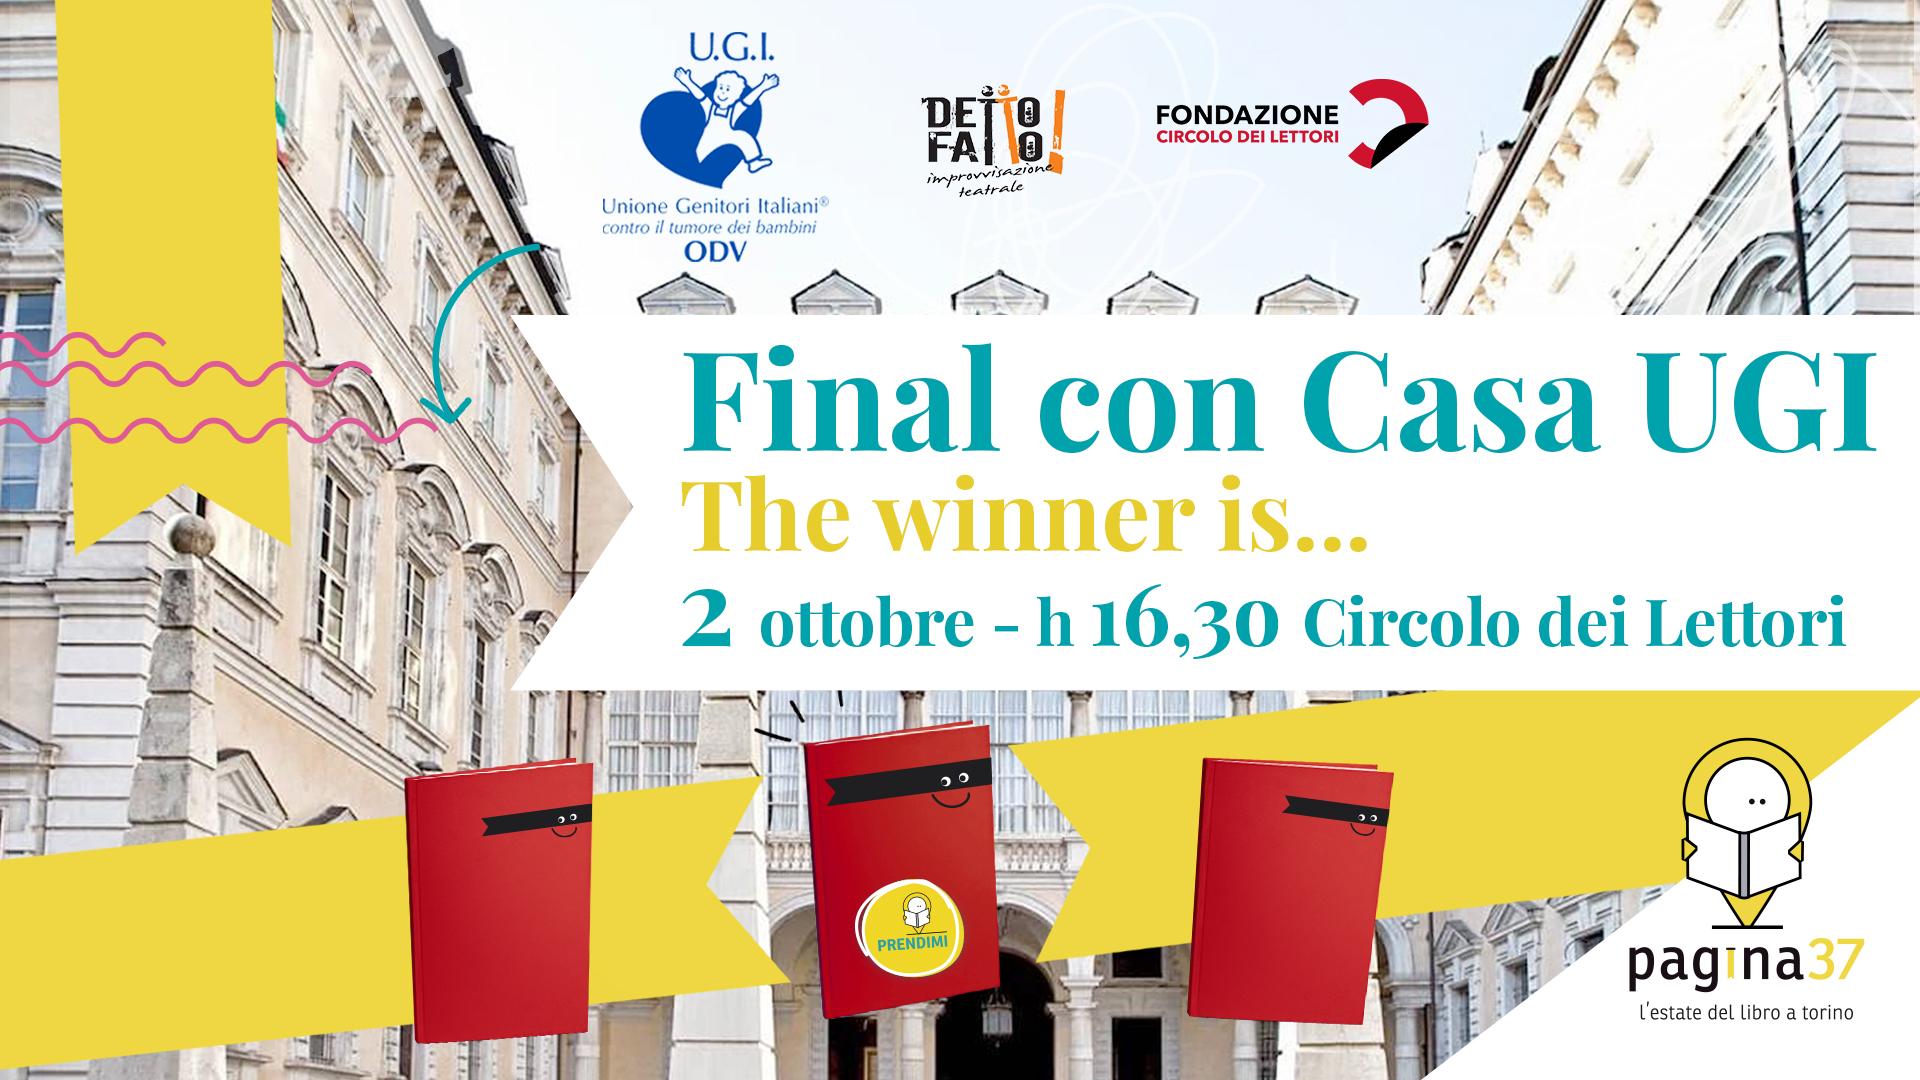 evento finale UGI 2ott-CircoloLettori FB